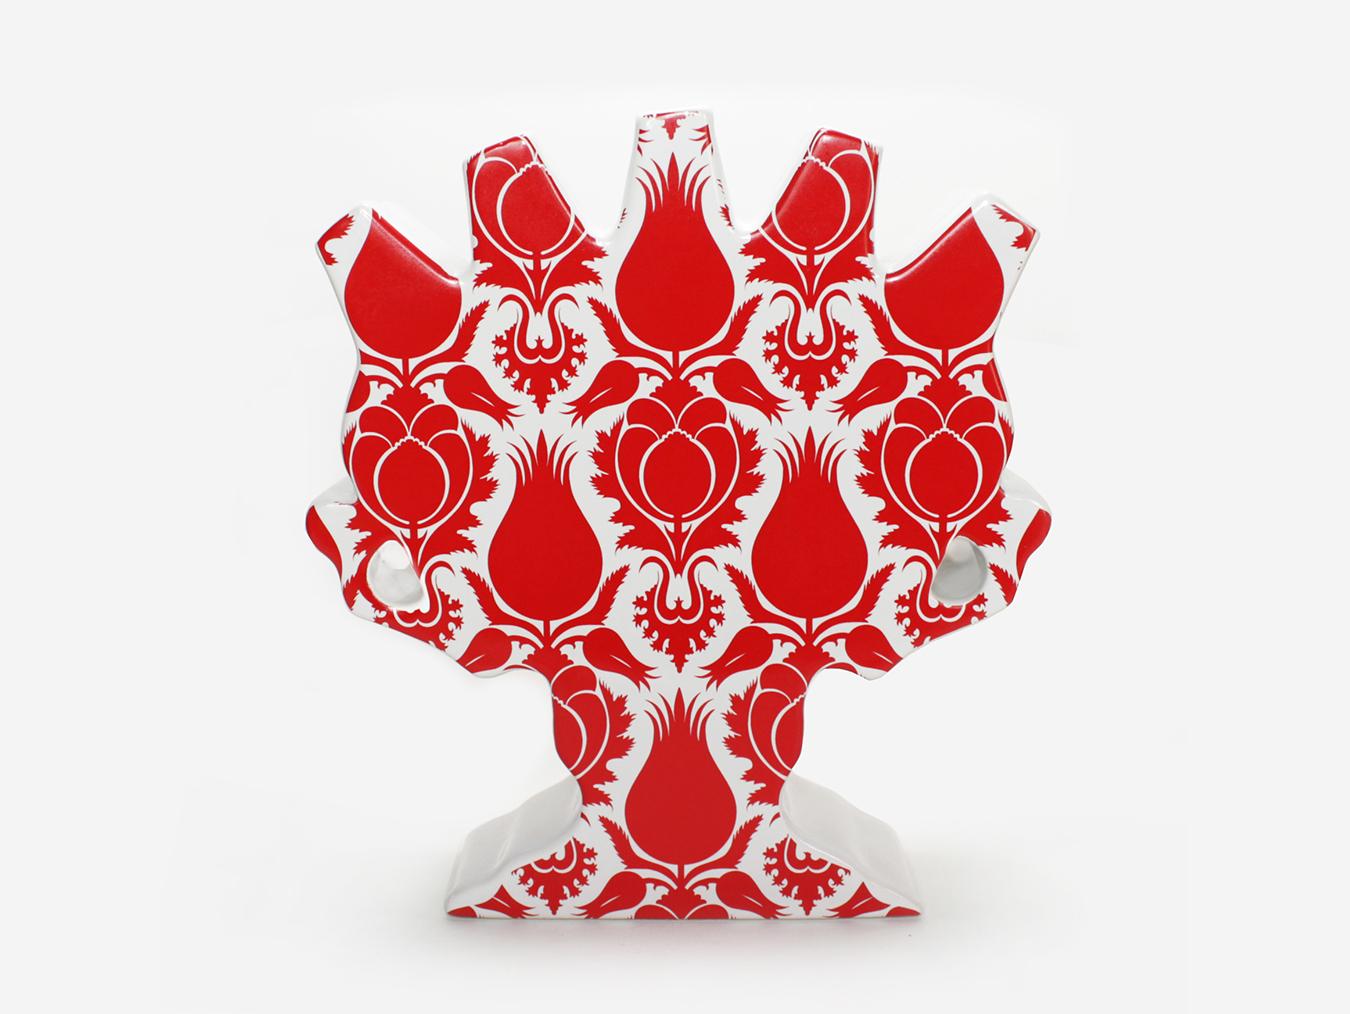 tulipa-lotte-van-laatum